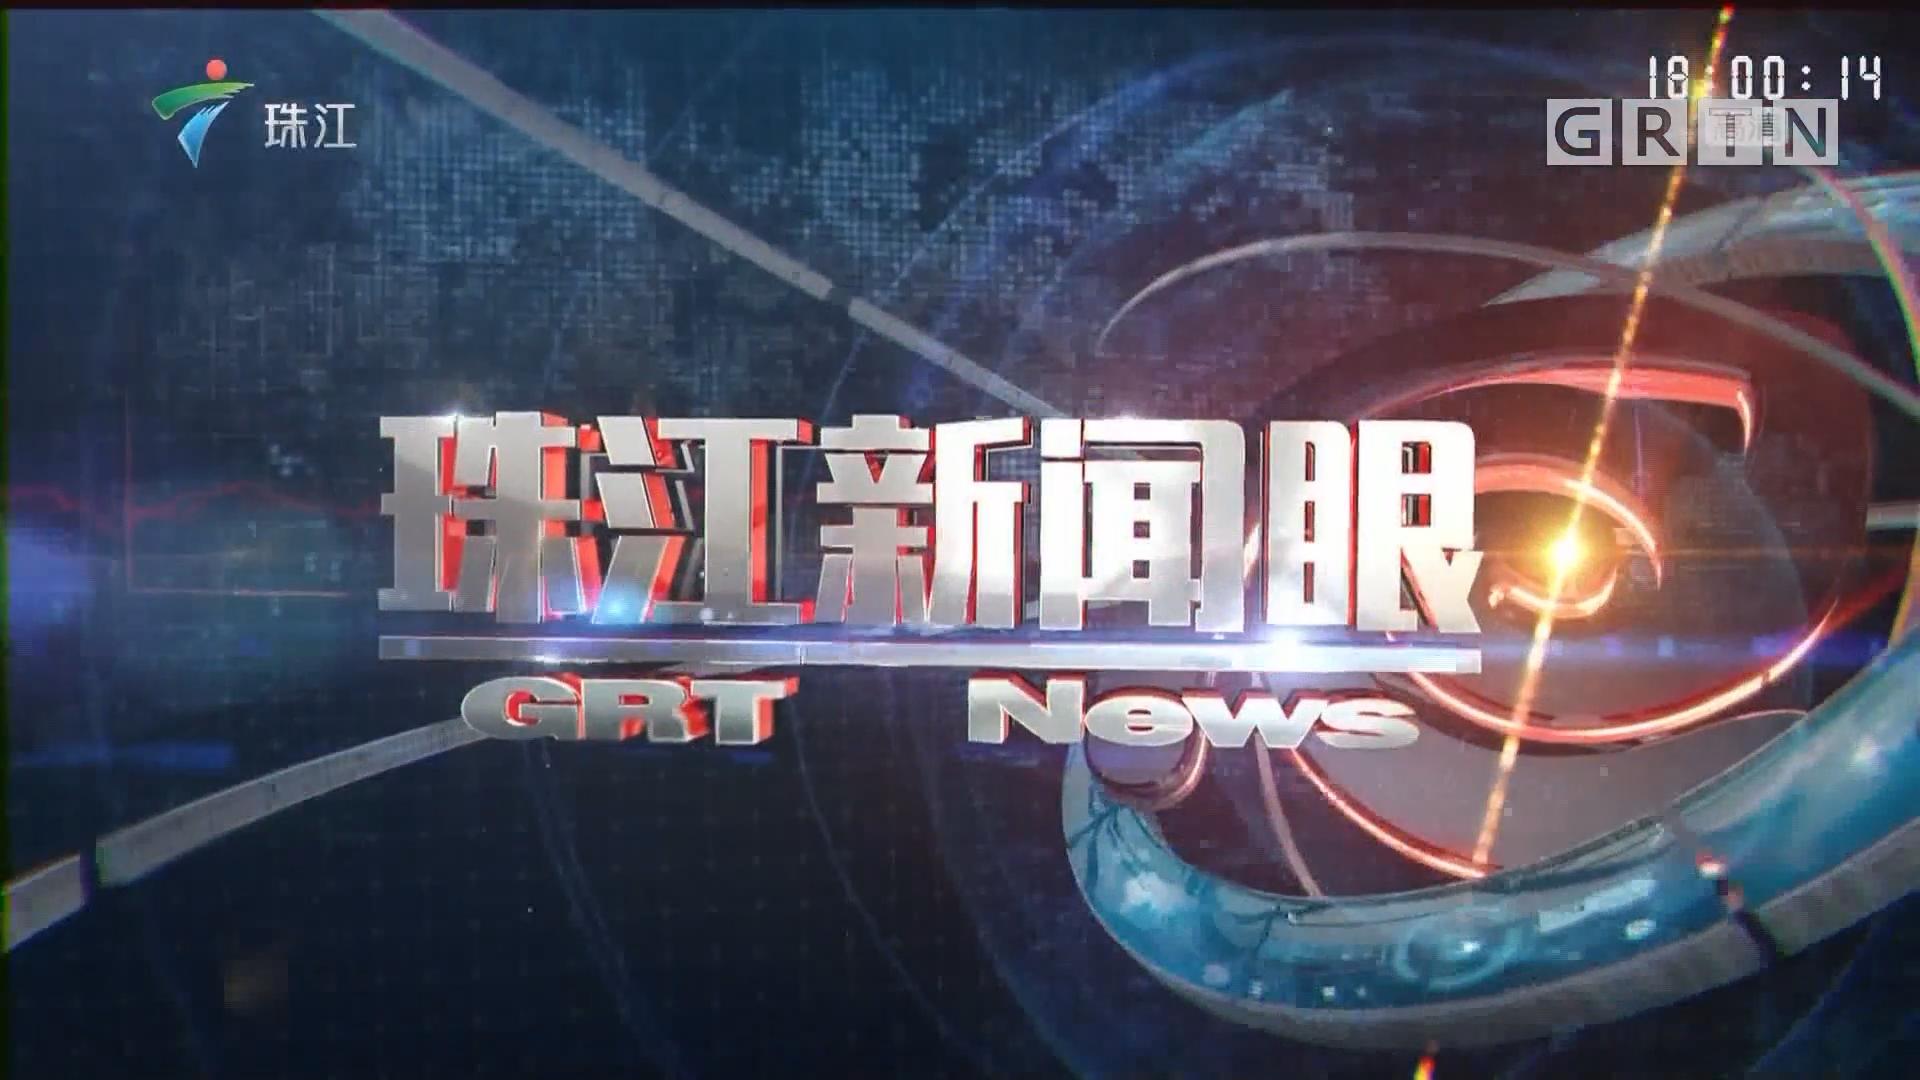 [HD][2019-08-14]珠江新闻眼:国务院港澳办强烈谴责香港机场严重暴力行径